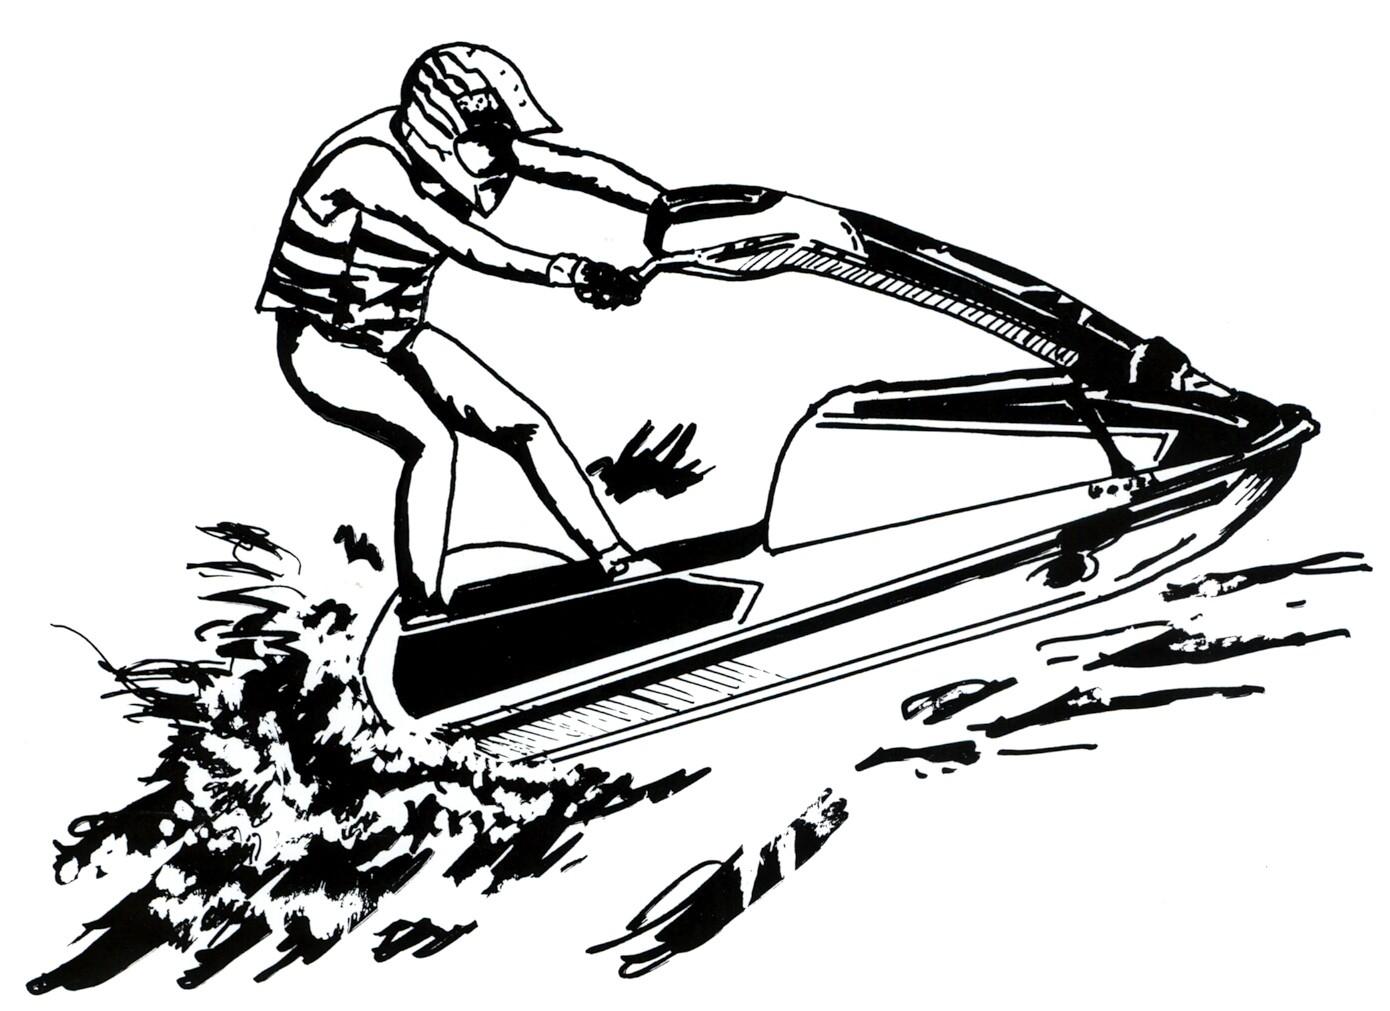 Free Ski Cliparts Black, Download Free Clip Art, Free Clip